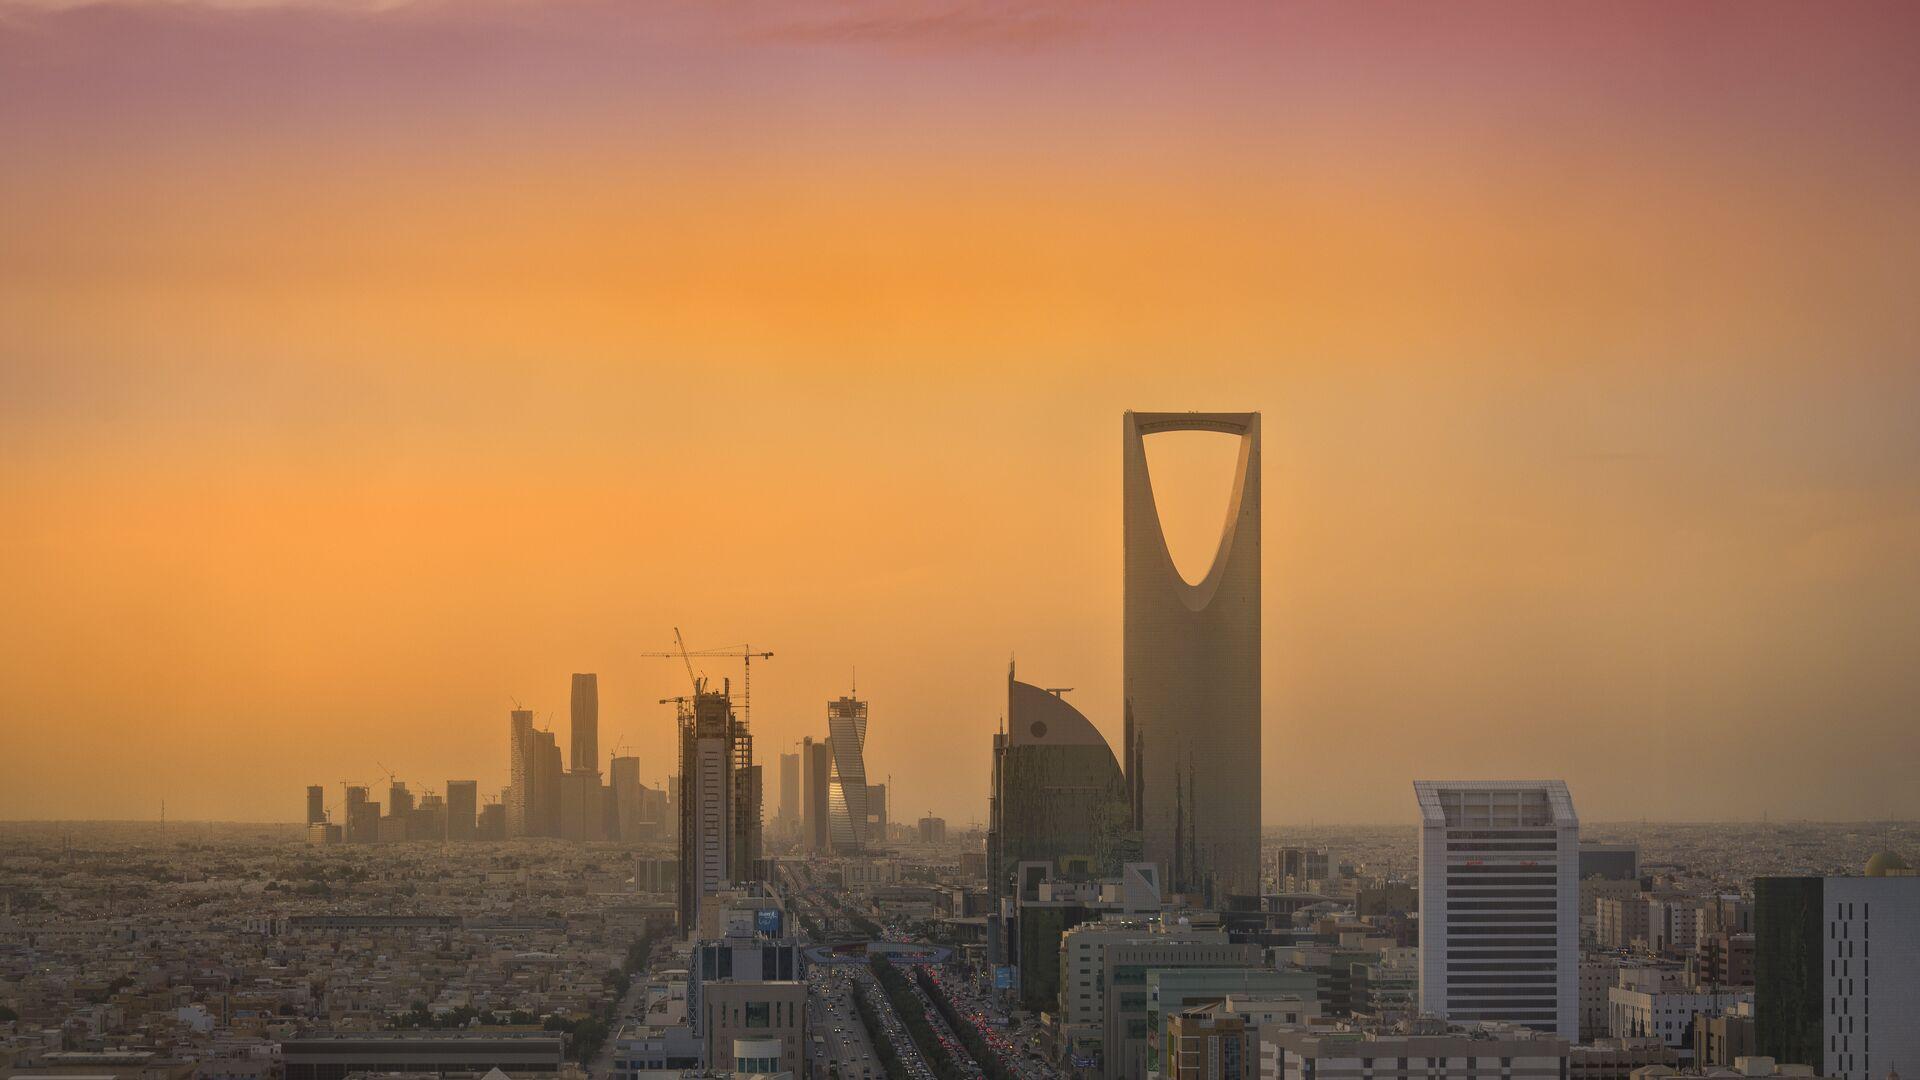 Riad, la capital de Arabia Saudí - Sputnik Mundo, 1920, 15.04.2021